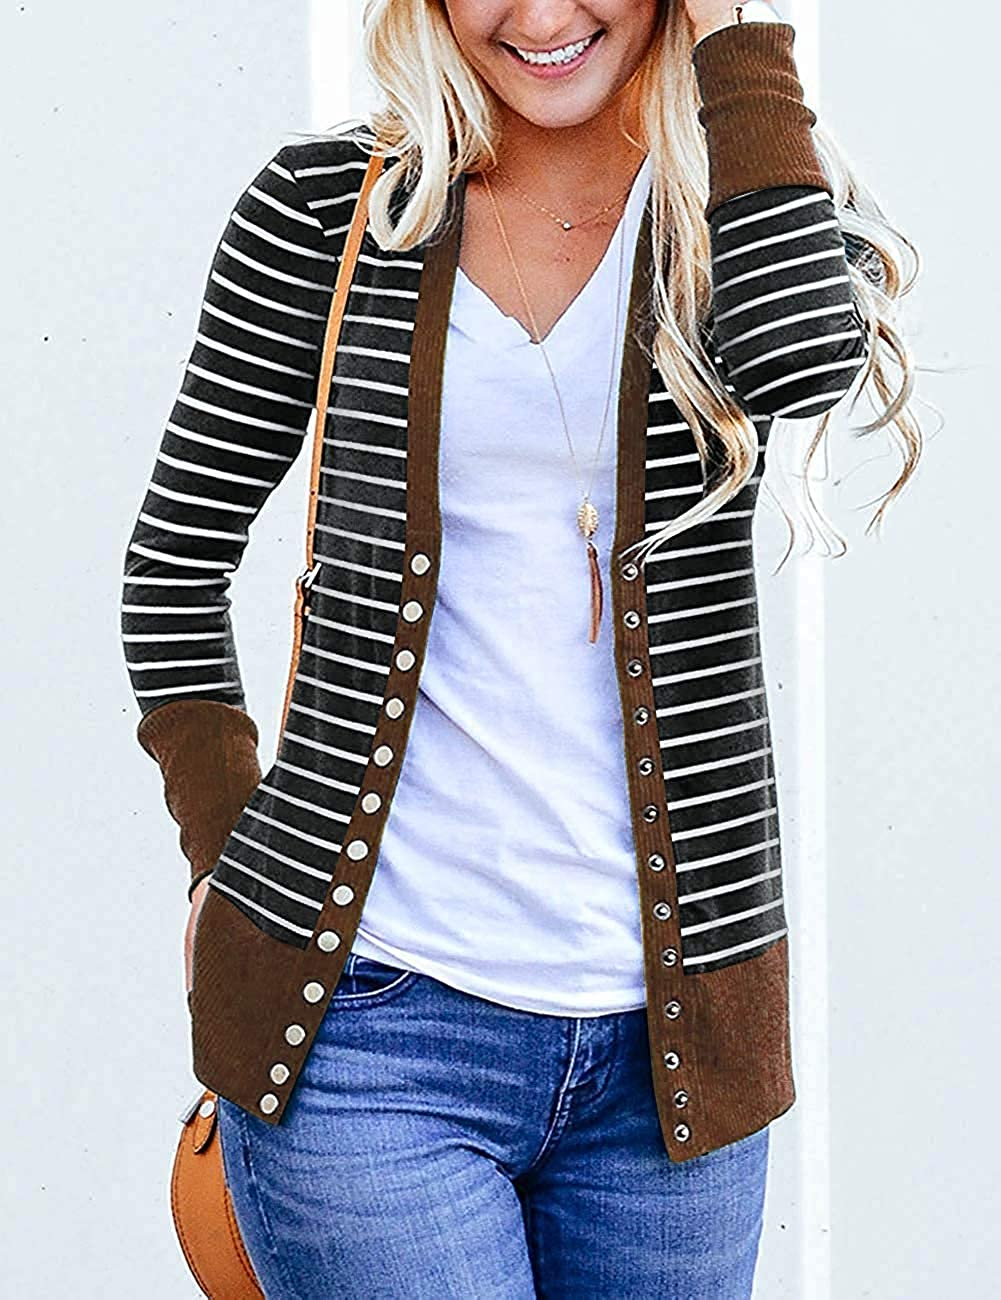 Aswinfon Womens Knit Cardigan Knitwear Sweater Ladies Coat Outwear